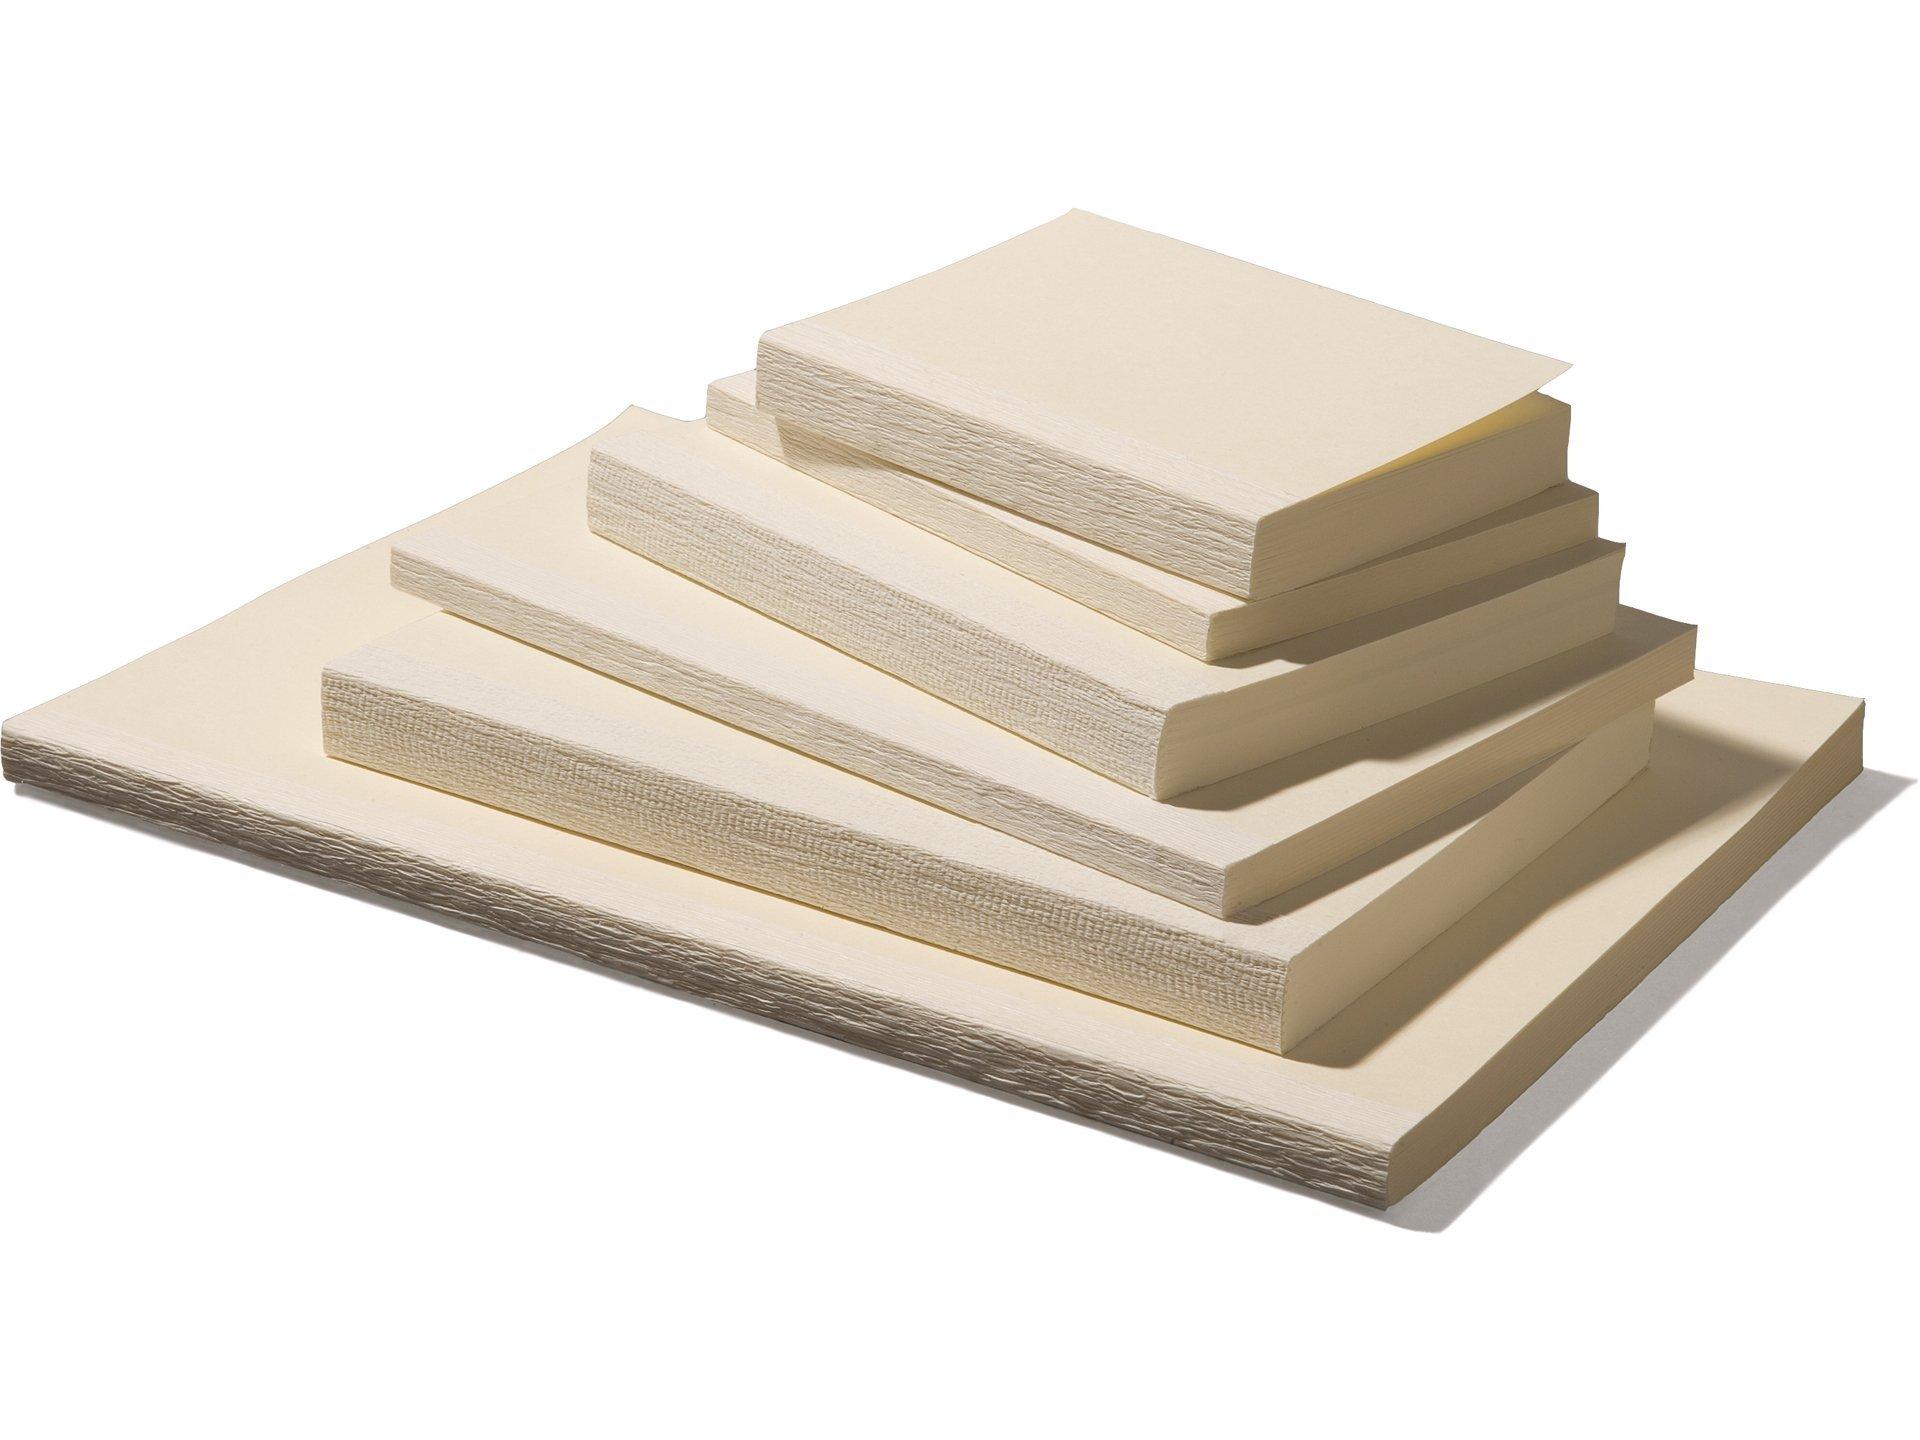 buchblock blanko jetzt online kaufen modulor. Black Bedroom Furniture Sets. Home Design Ideas